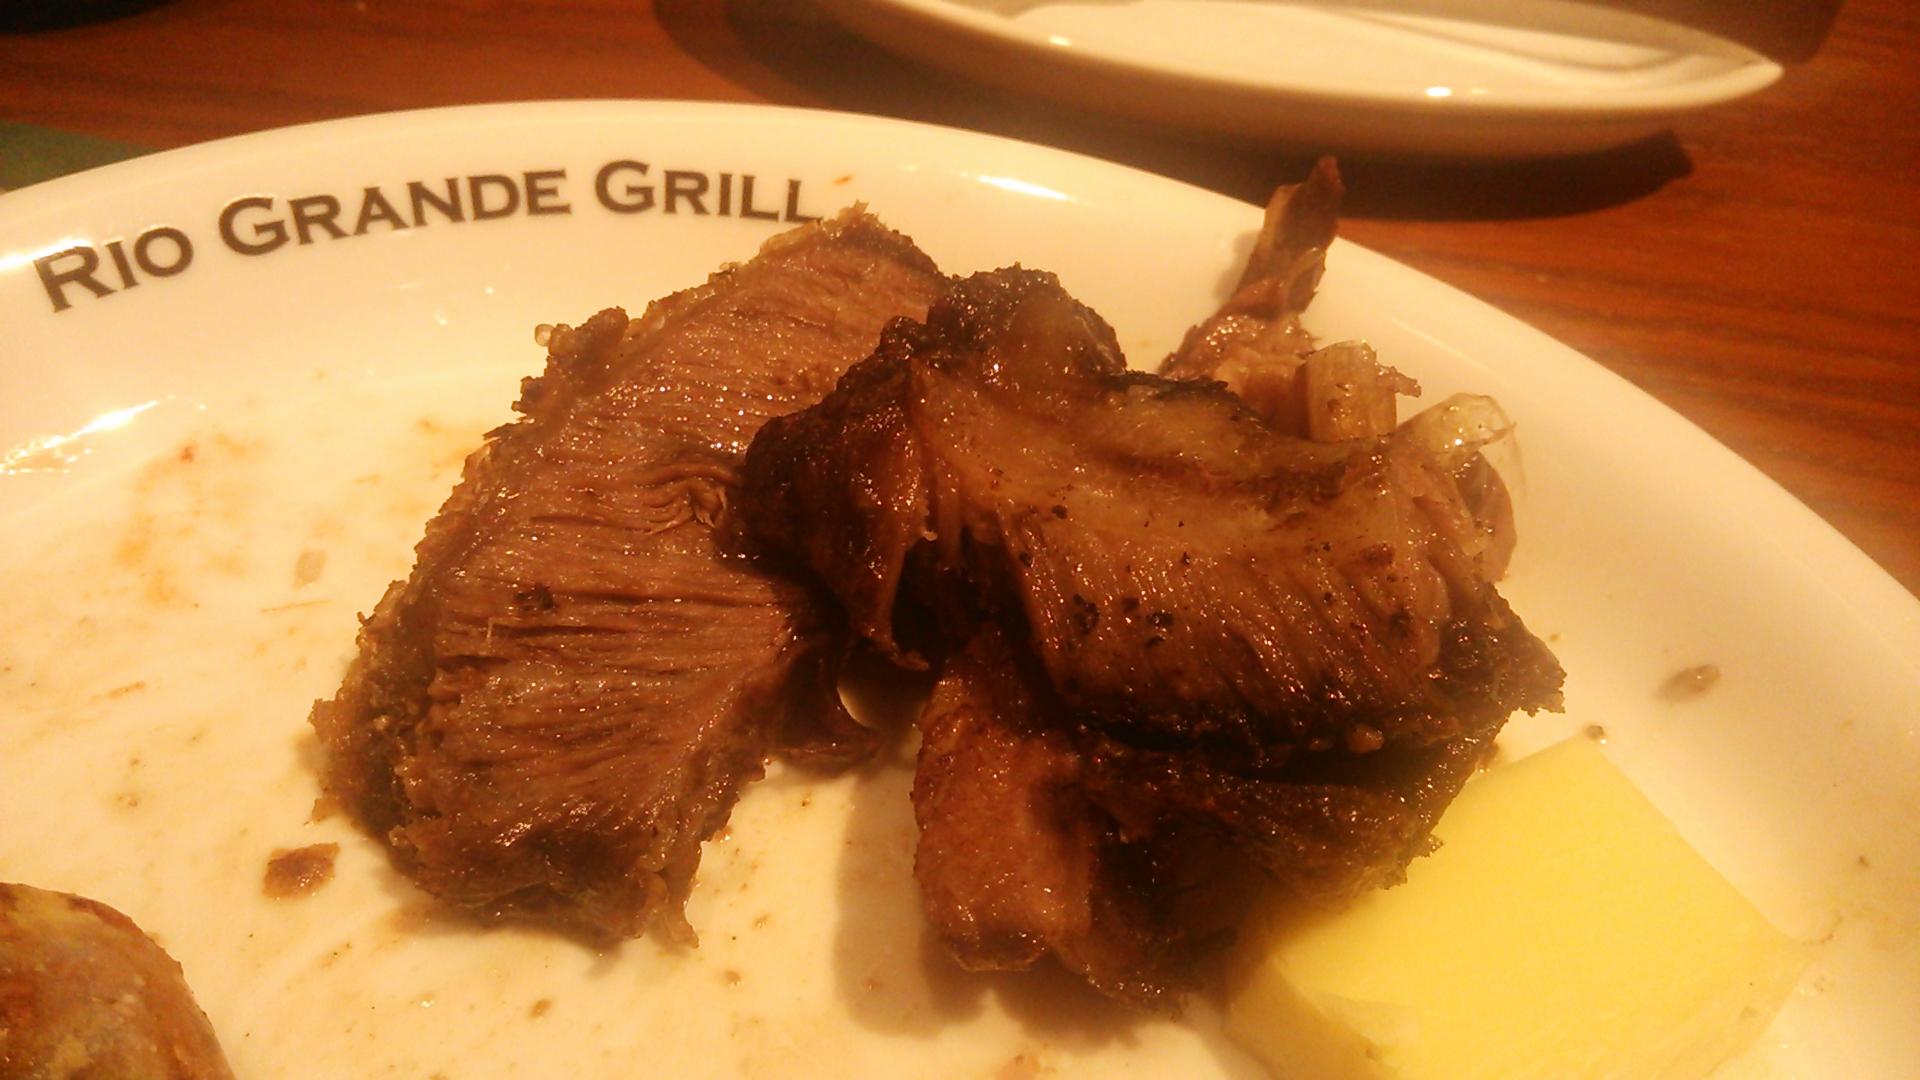 リオグランデグリル肉①